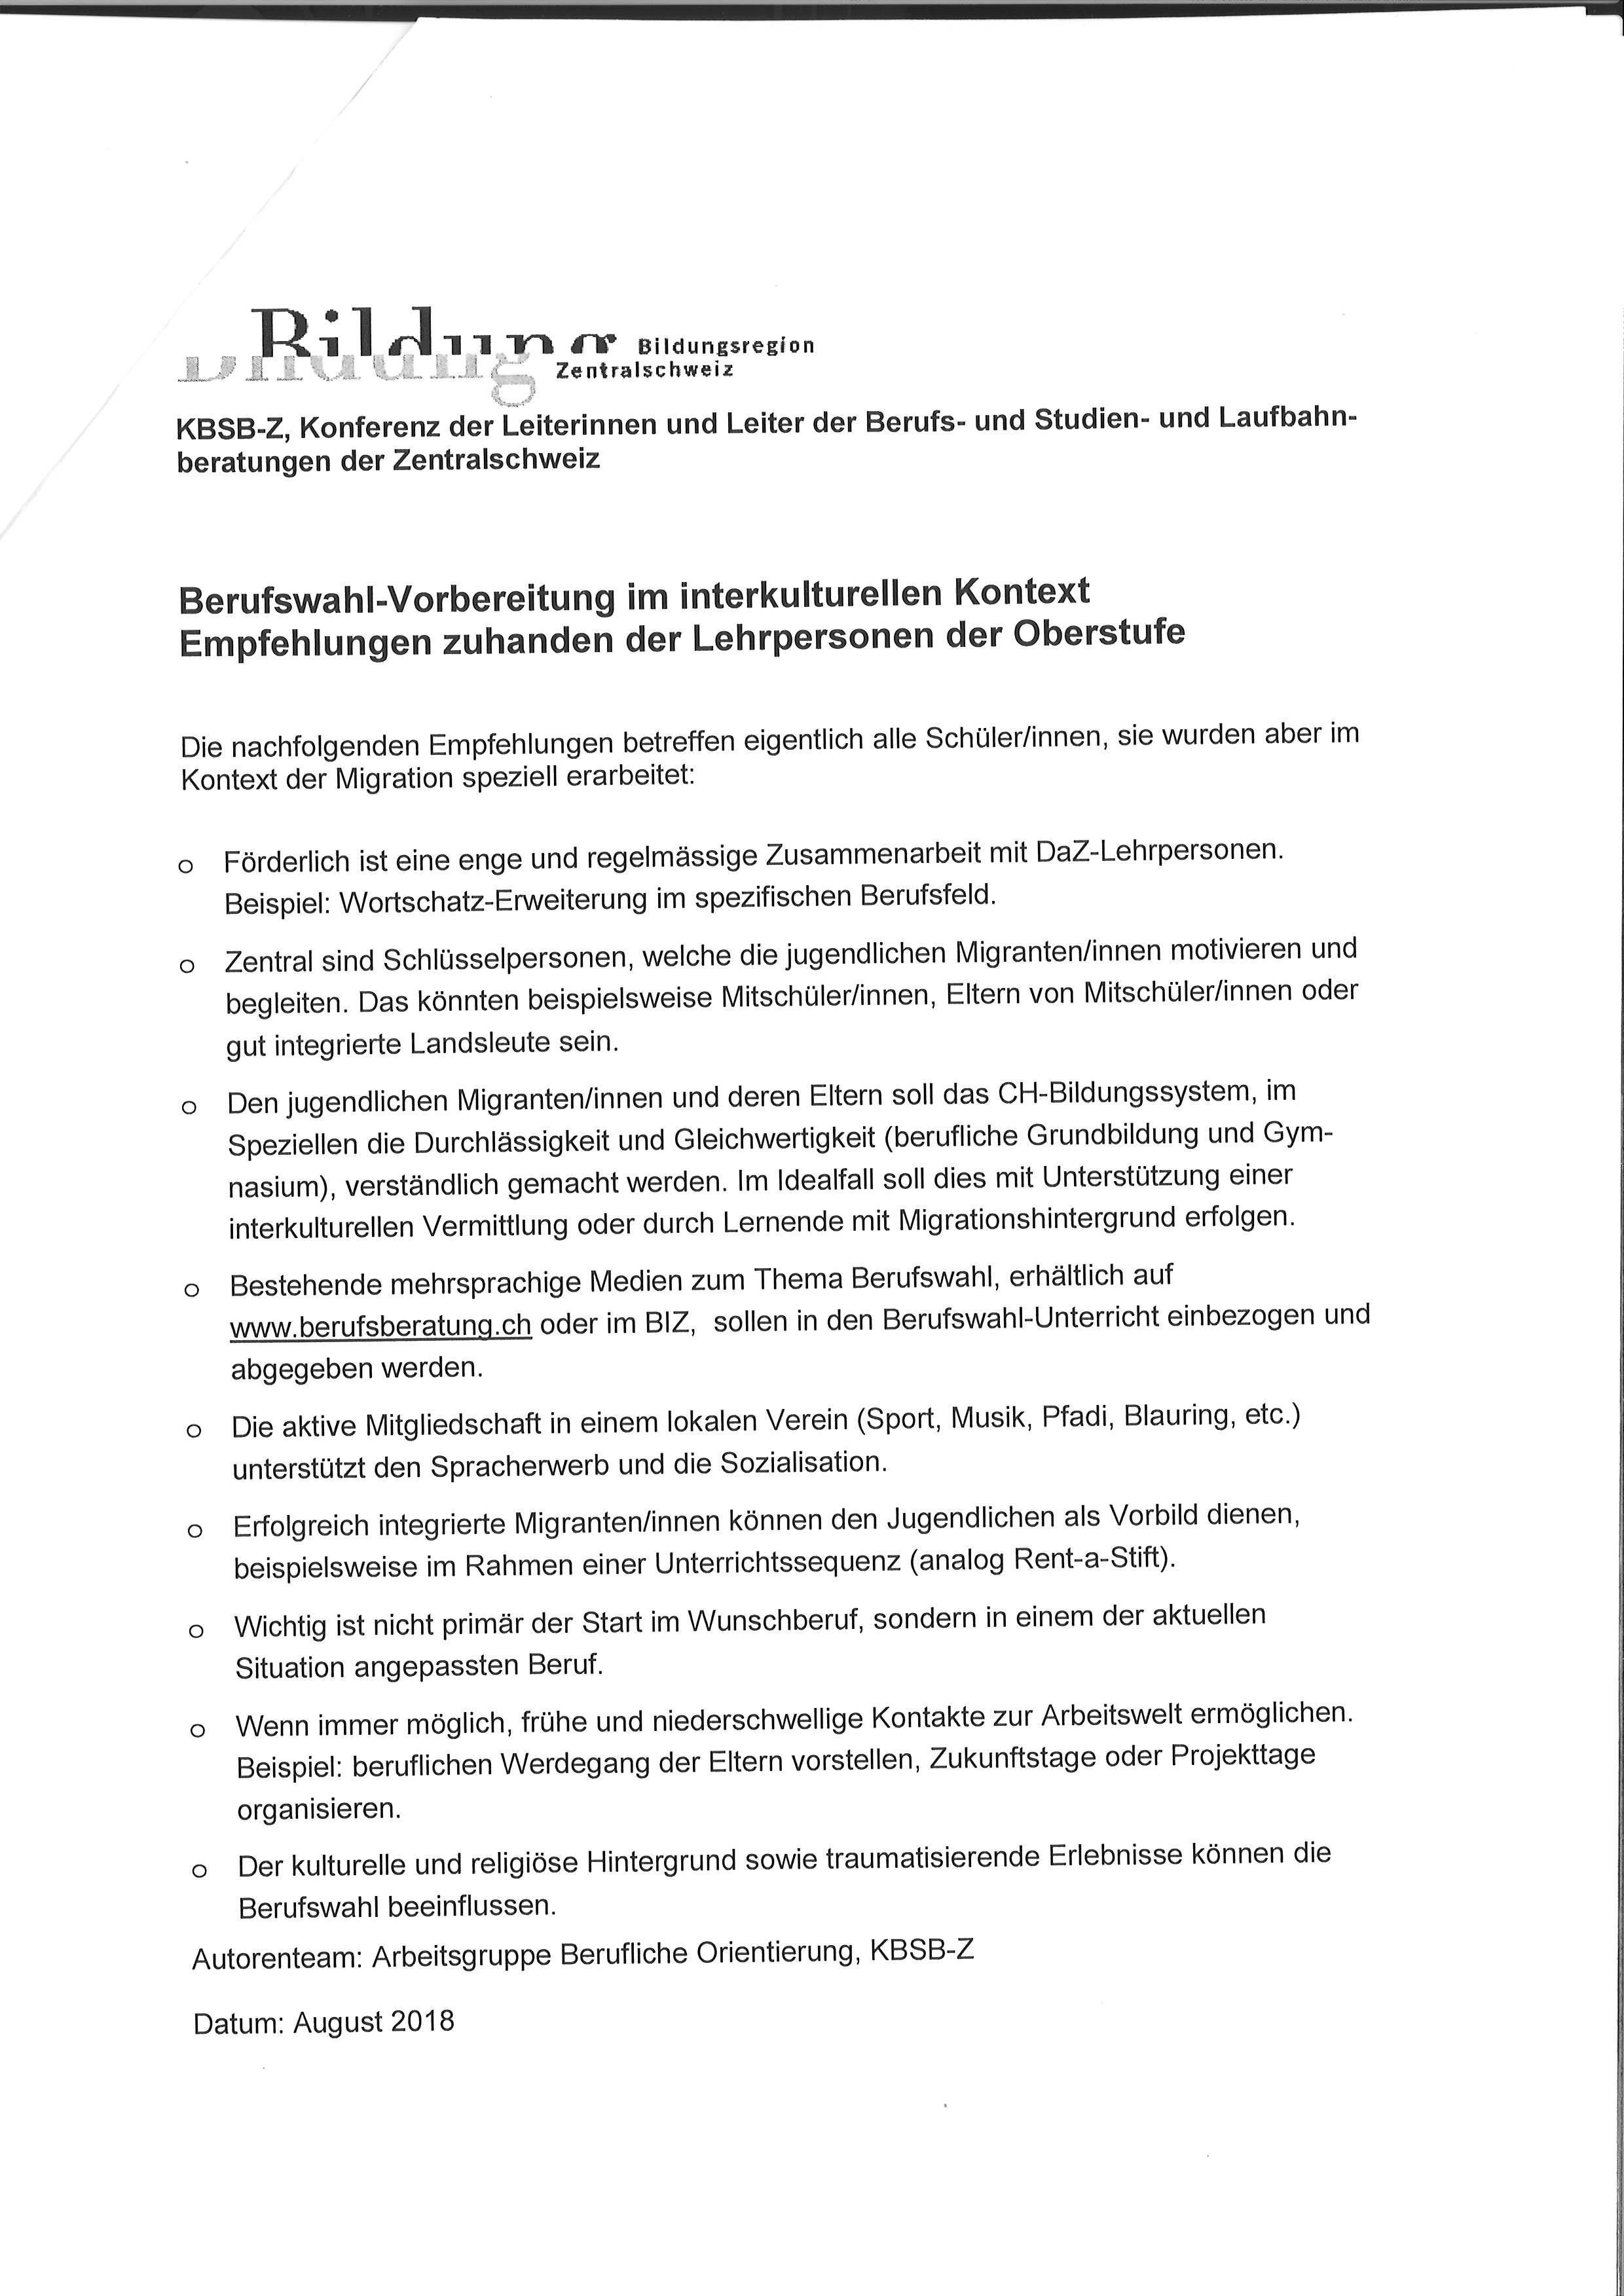 Preview image for LOM object Berufswahl-Vorbereitung im interkulturellen Kontext / Empfehlungen zuhanden der Lehrpersonen der Oberstufe